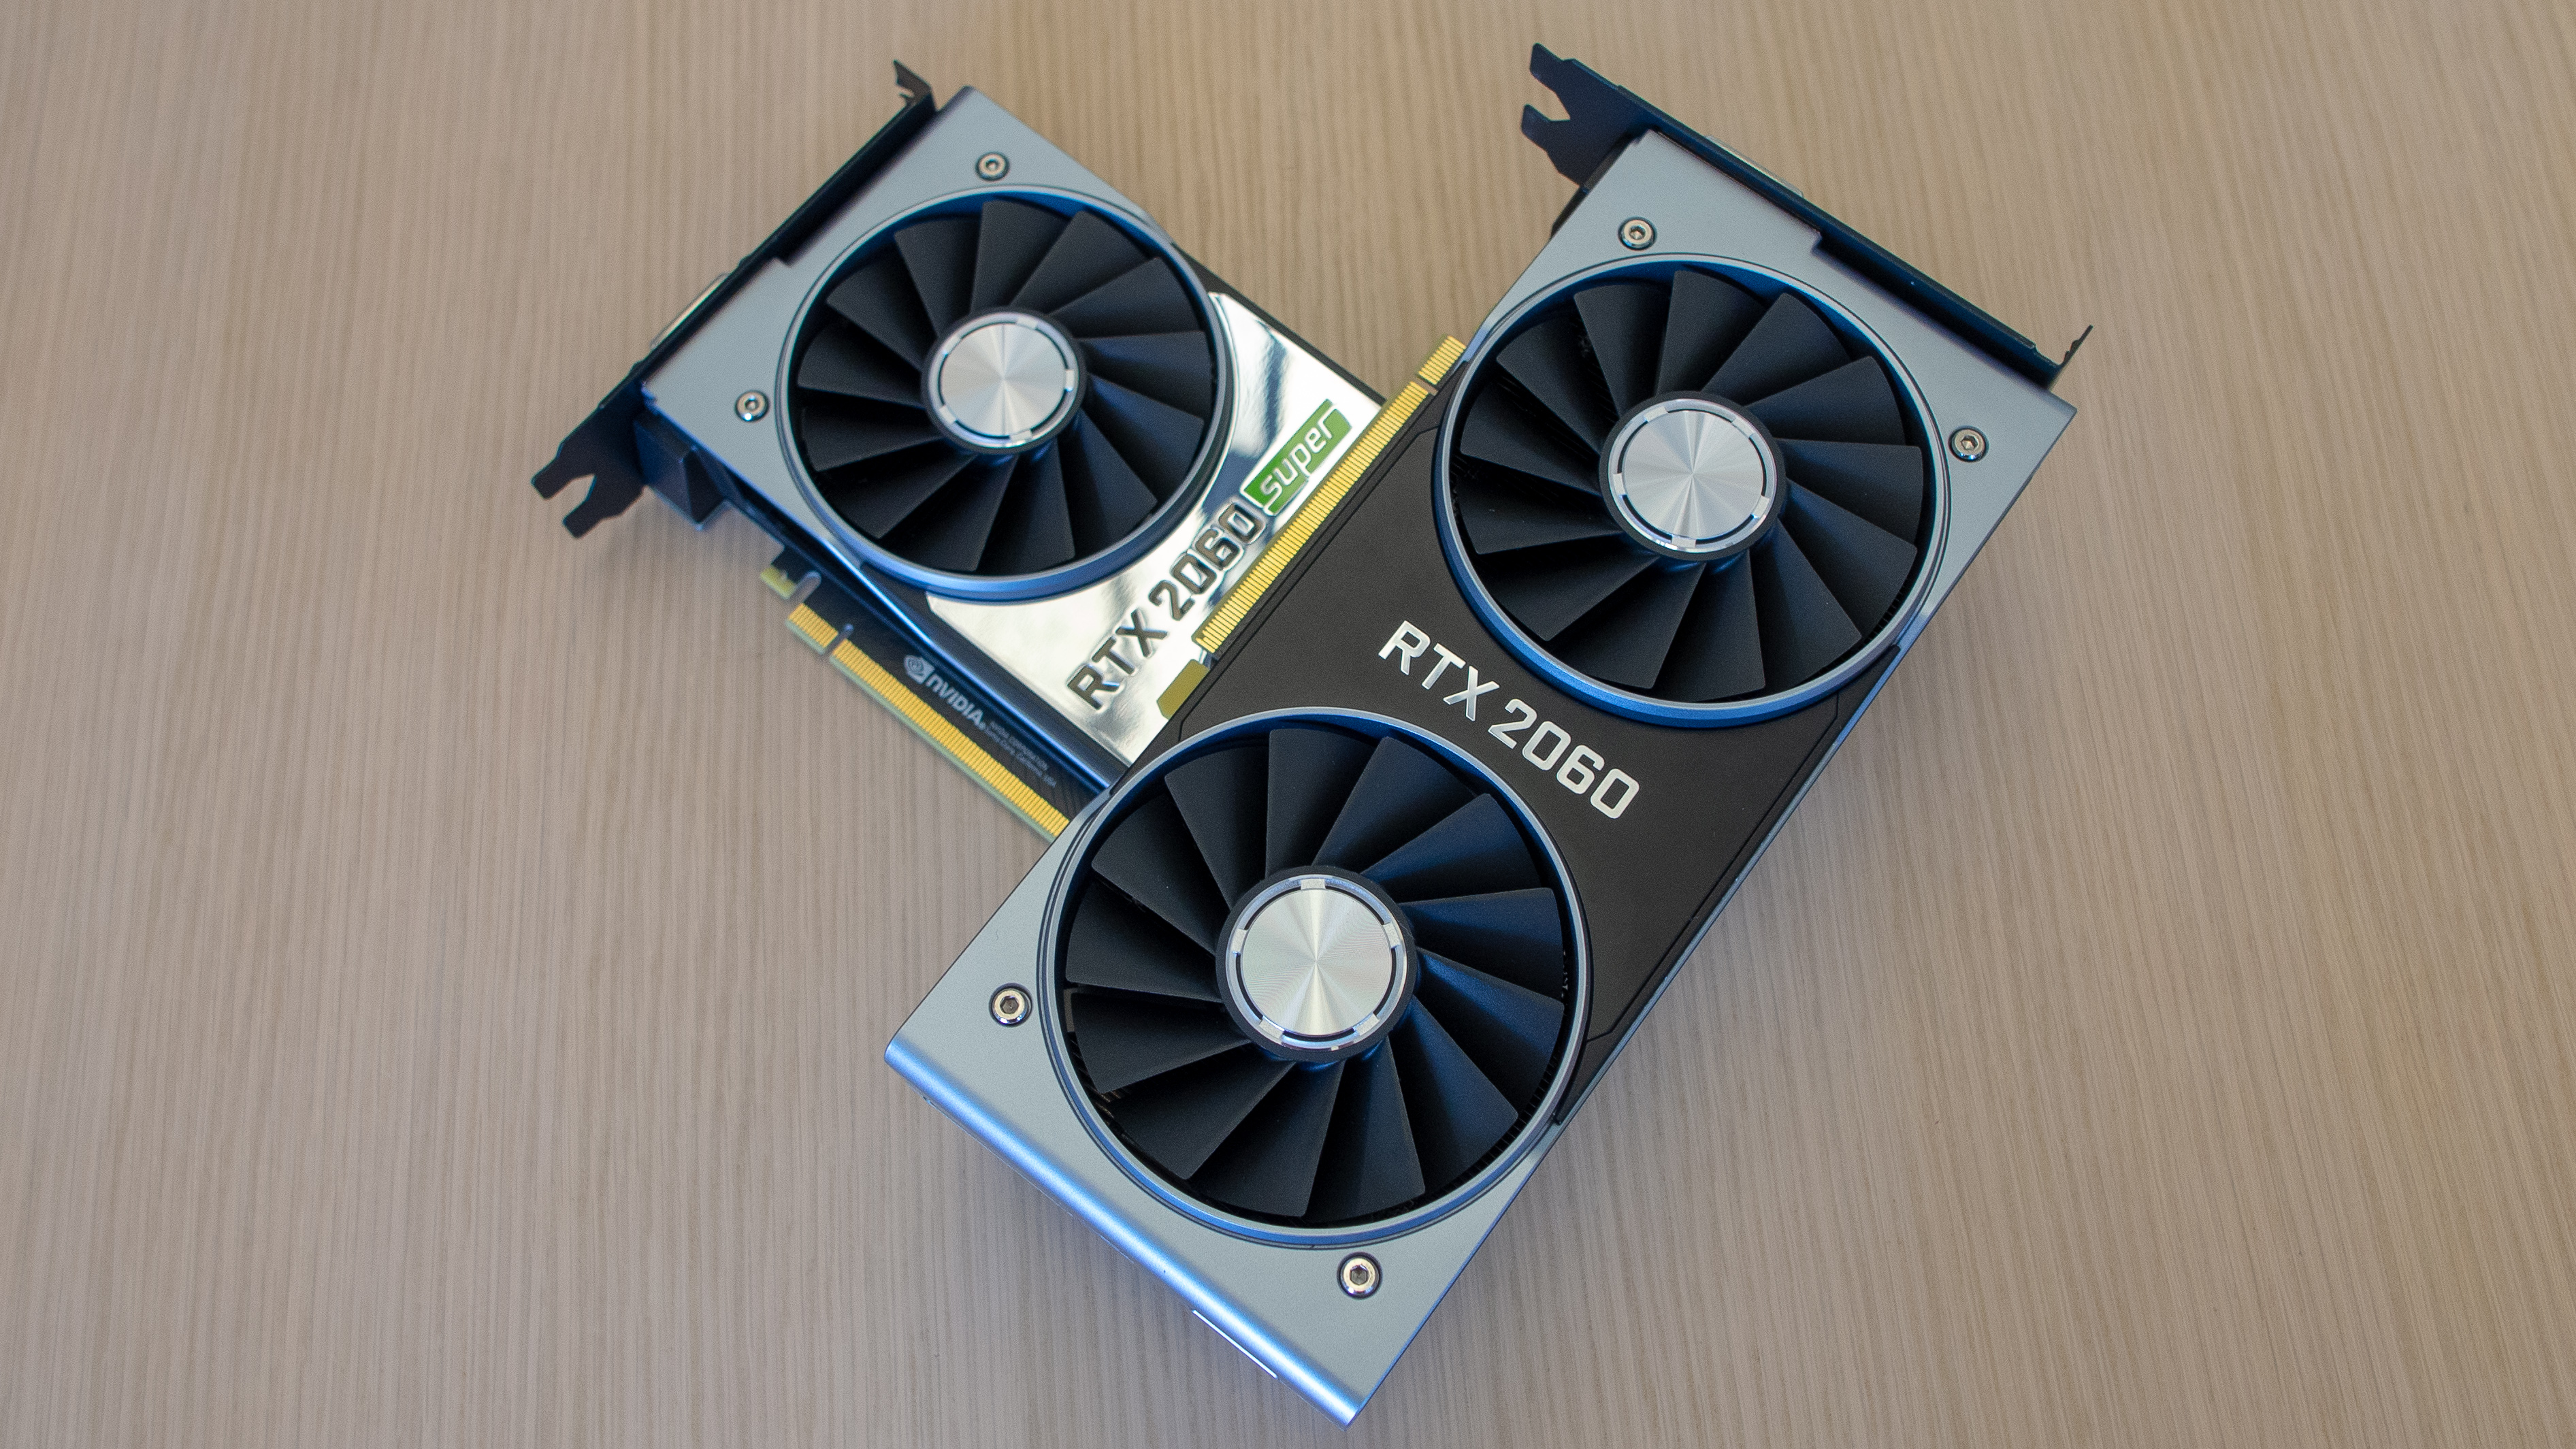 Nvidia GeForce RTX 2060 Super vs RTX 2060